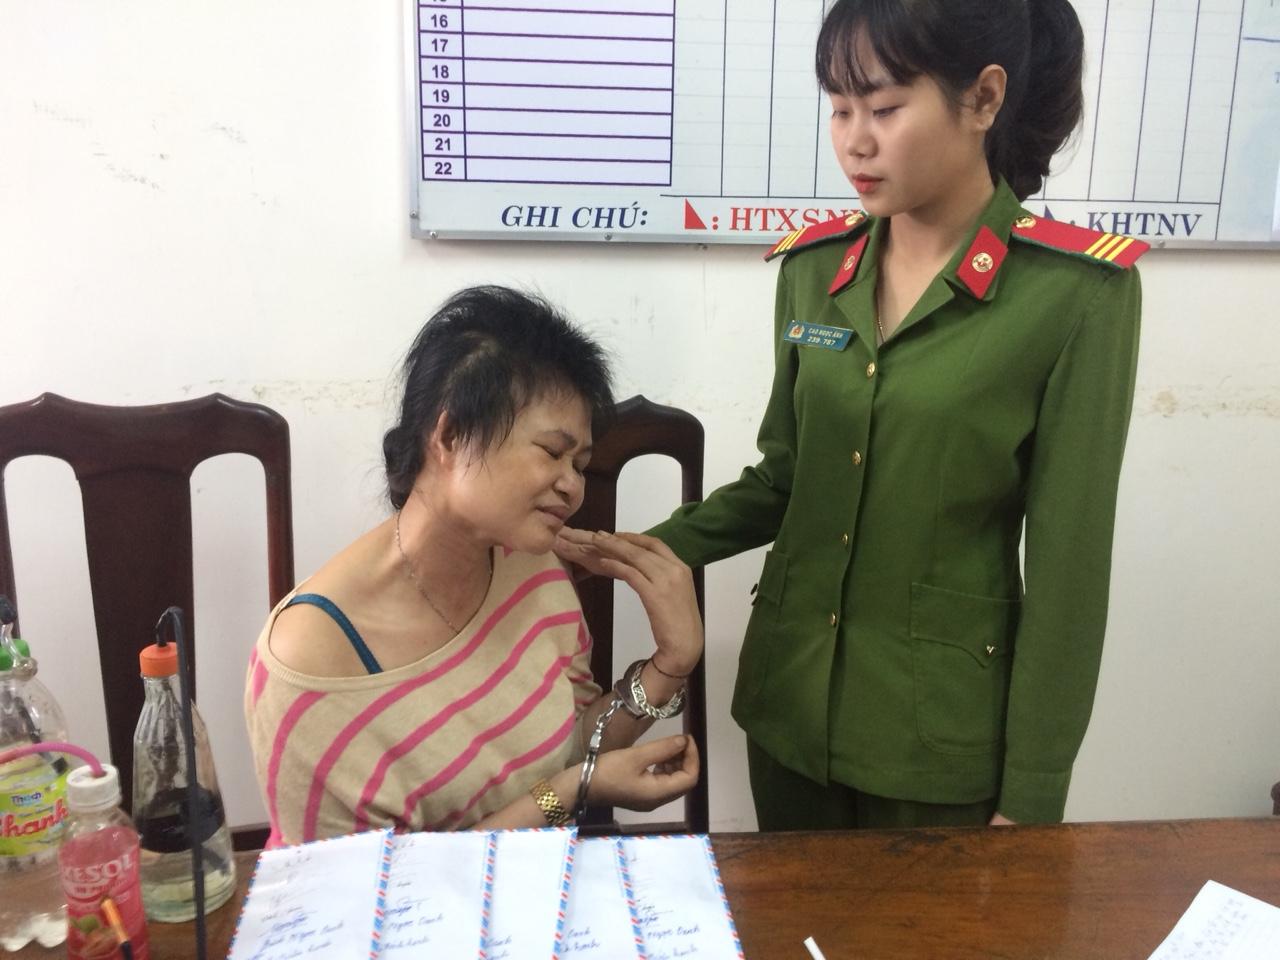 Khi lực lượng công an bắt quả tang hành vi tàng trữ chất ma túy, đối Hạnh vẫn còn phê thuốc